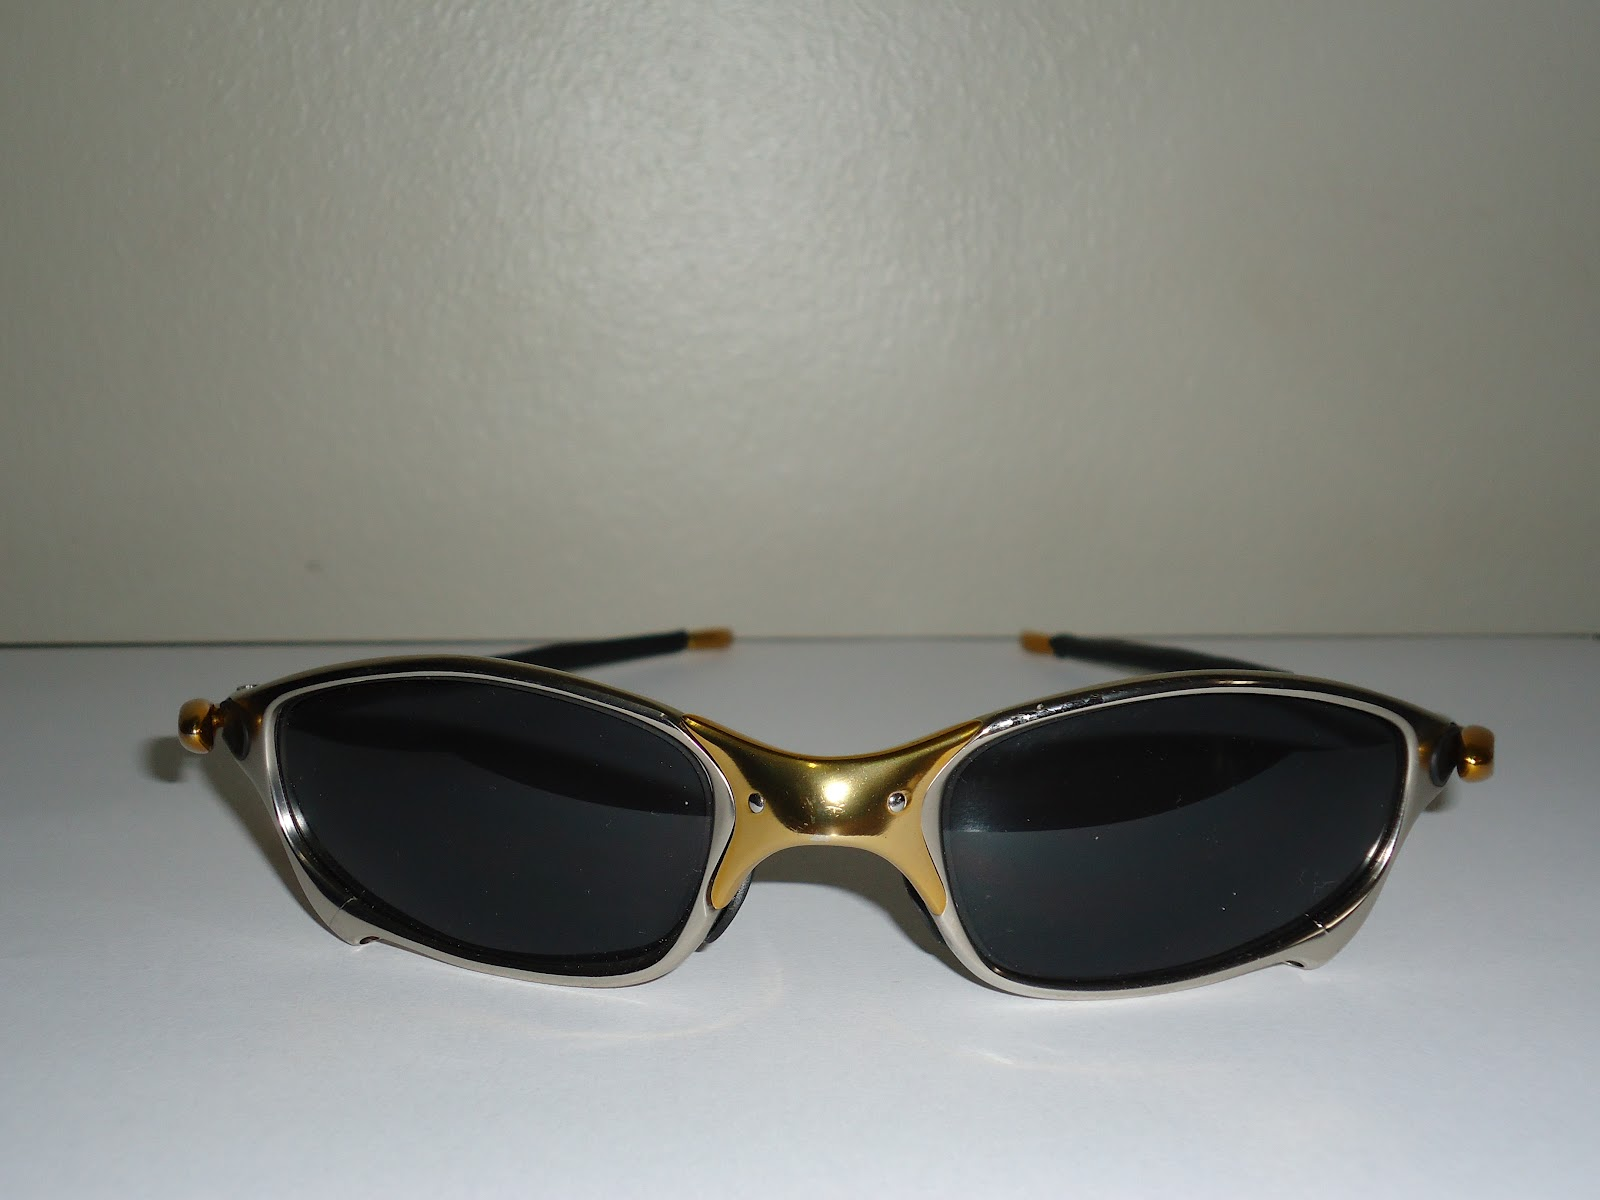 47b0fecc5 Replicas De Oculos Oakley 1° Linha « One More Soul